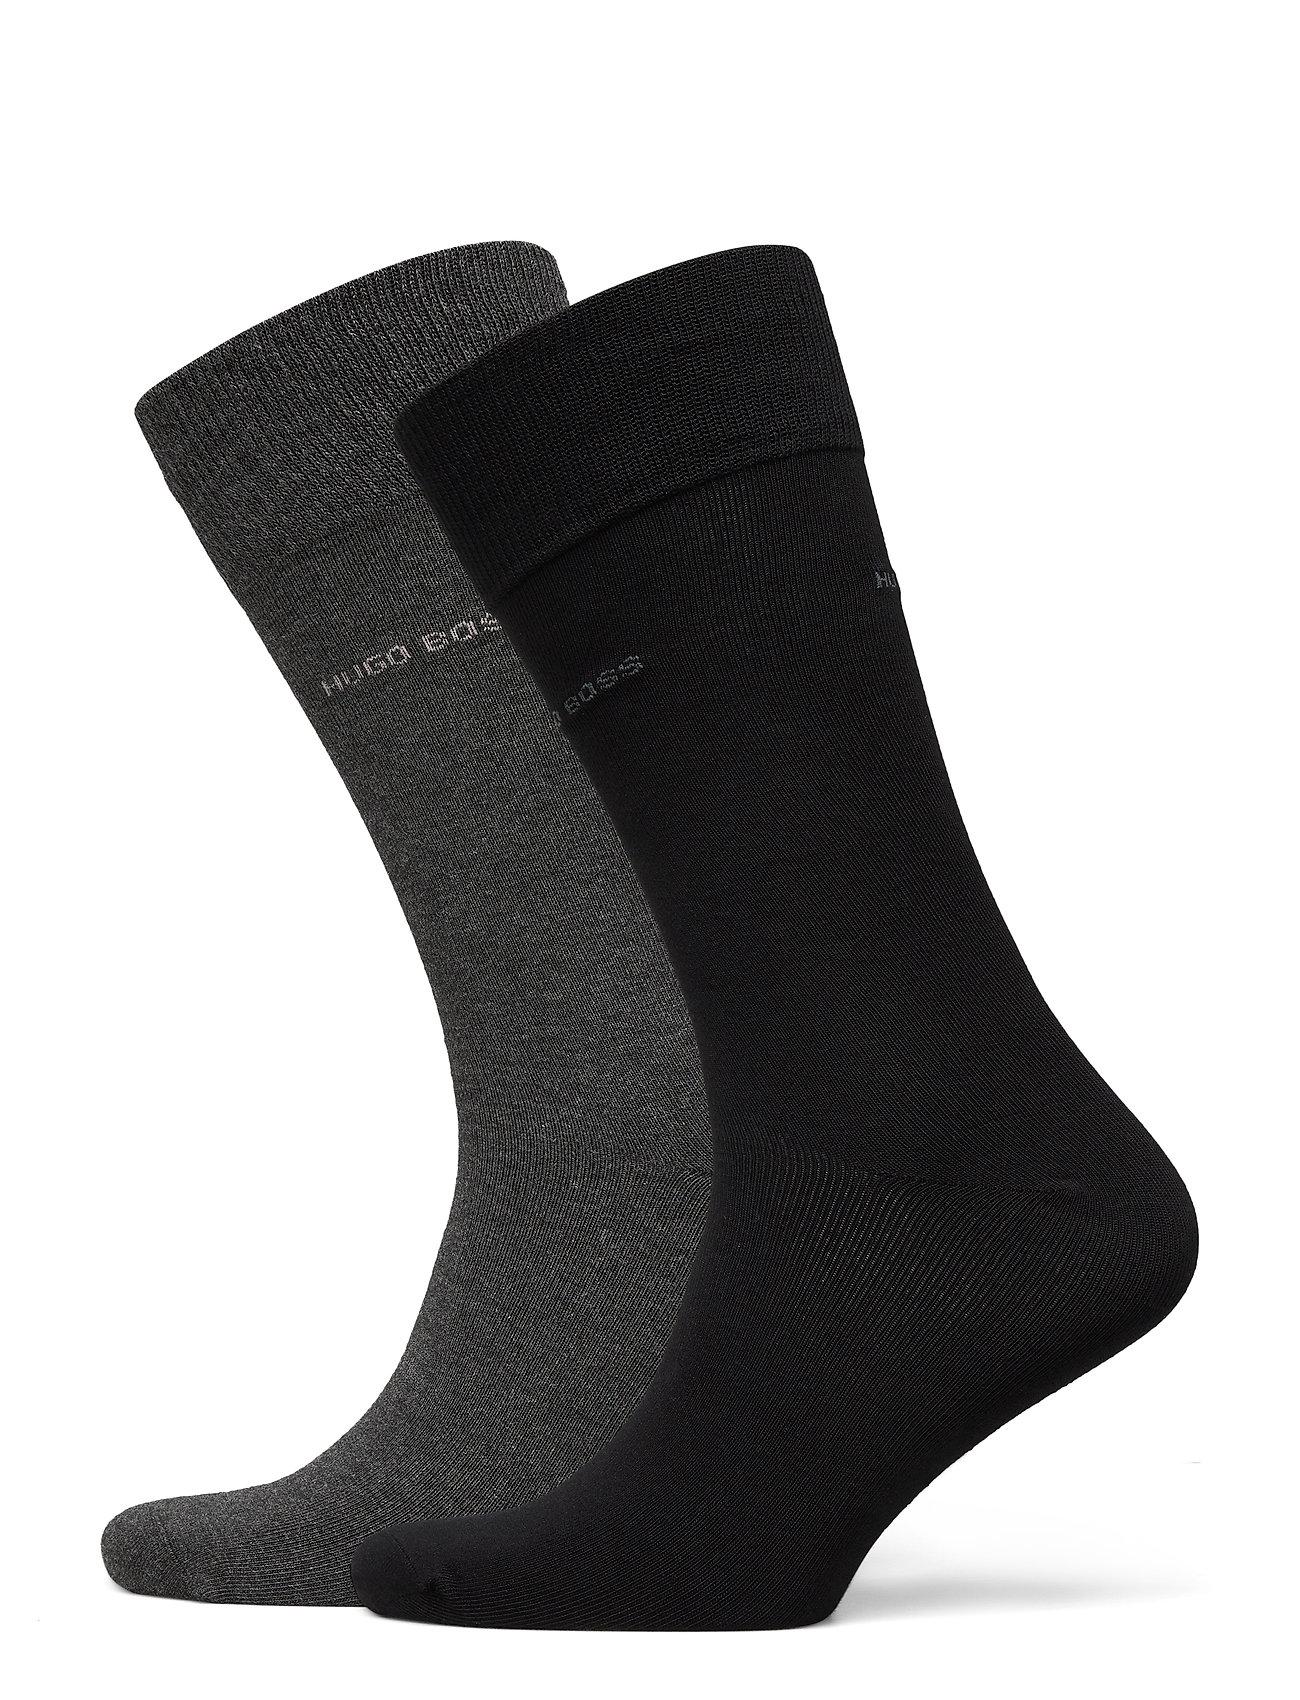 Image of 2p Giftset Bottle Cc Underwear Socks Regular Socks Sort BOSS (3469875073)